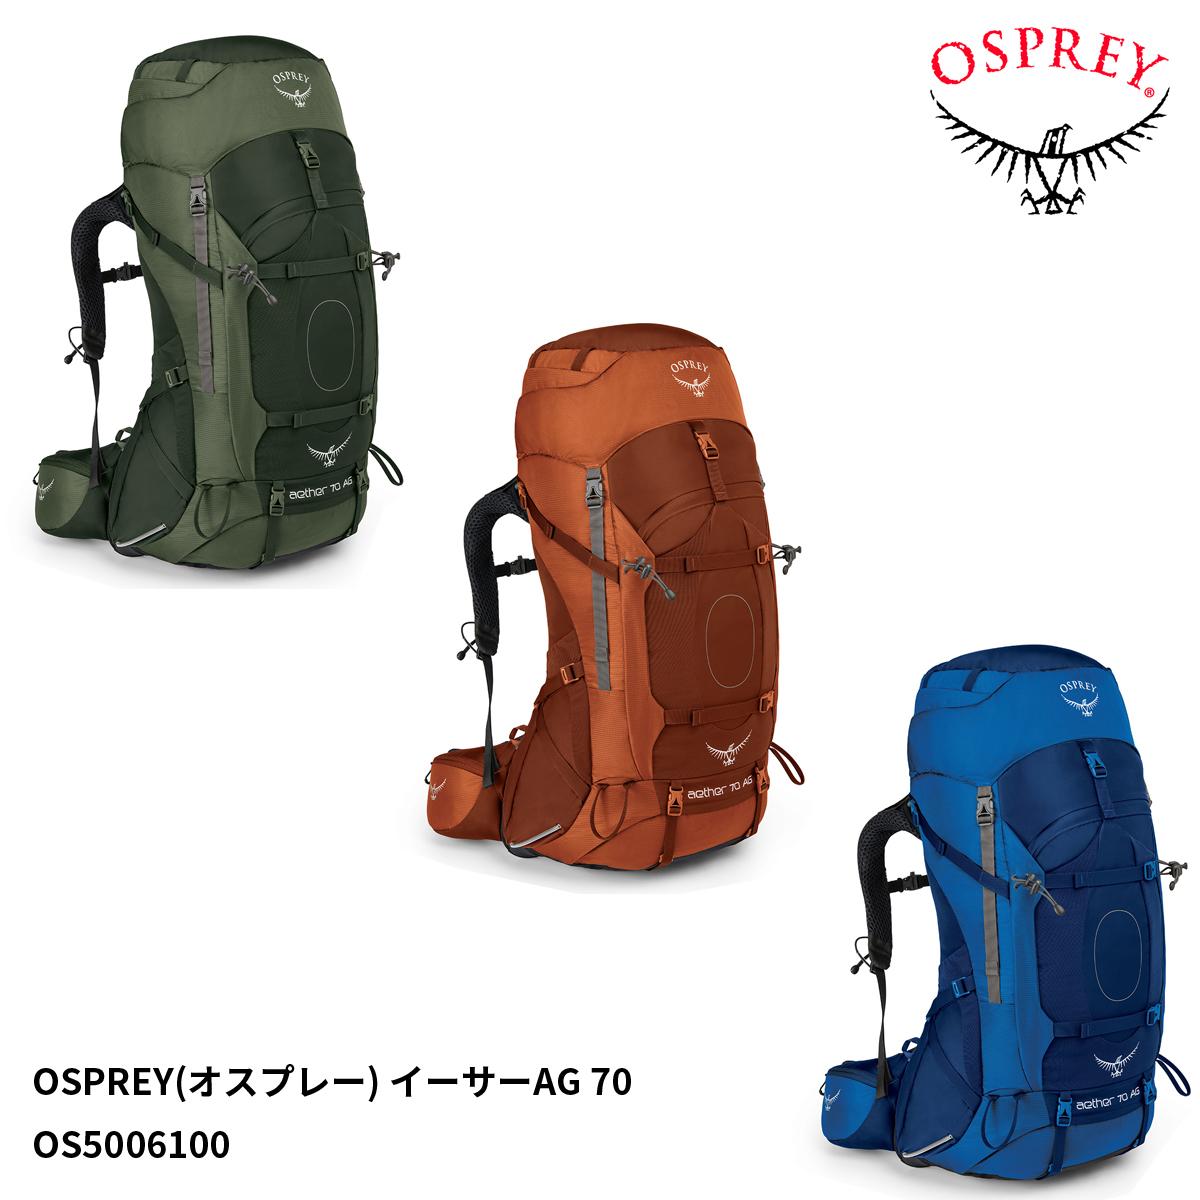 OSPREY(オスプレー)イーサーAG 70 OS5006100